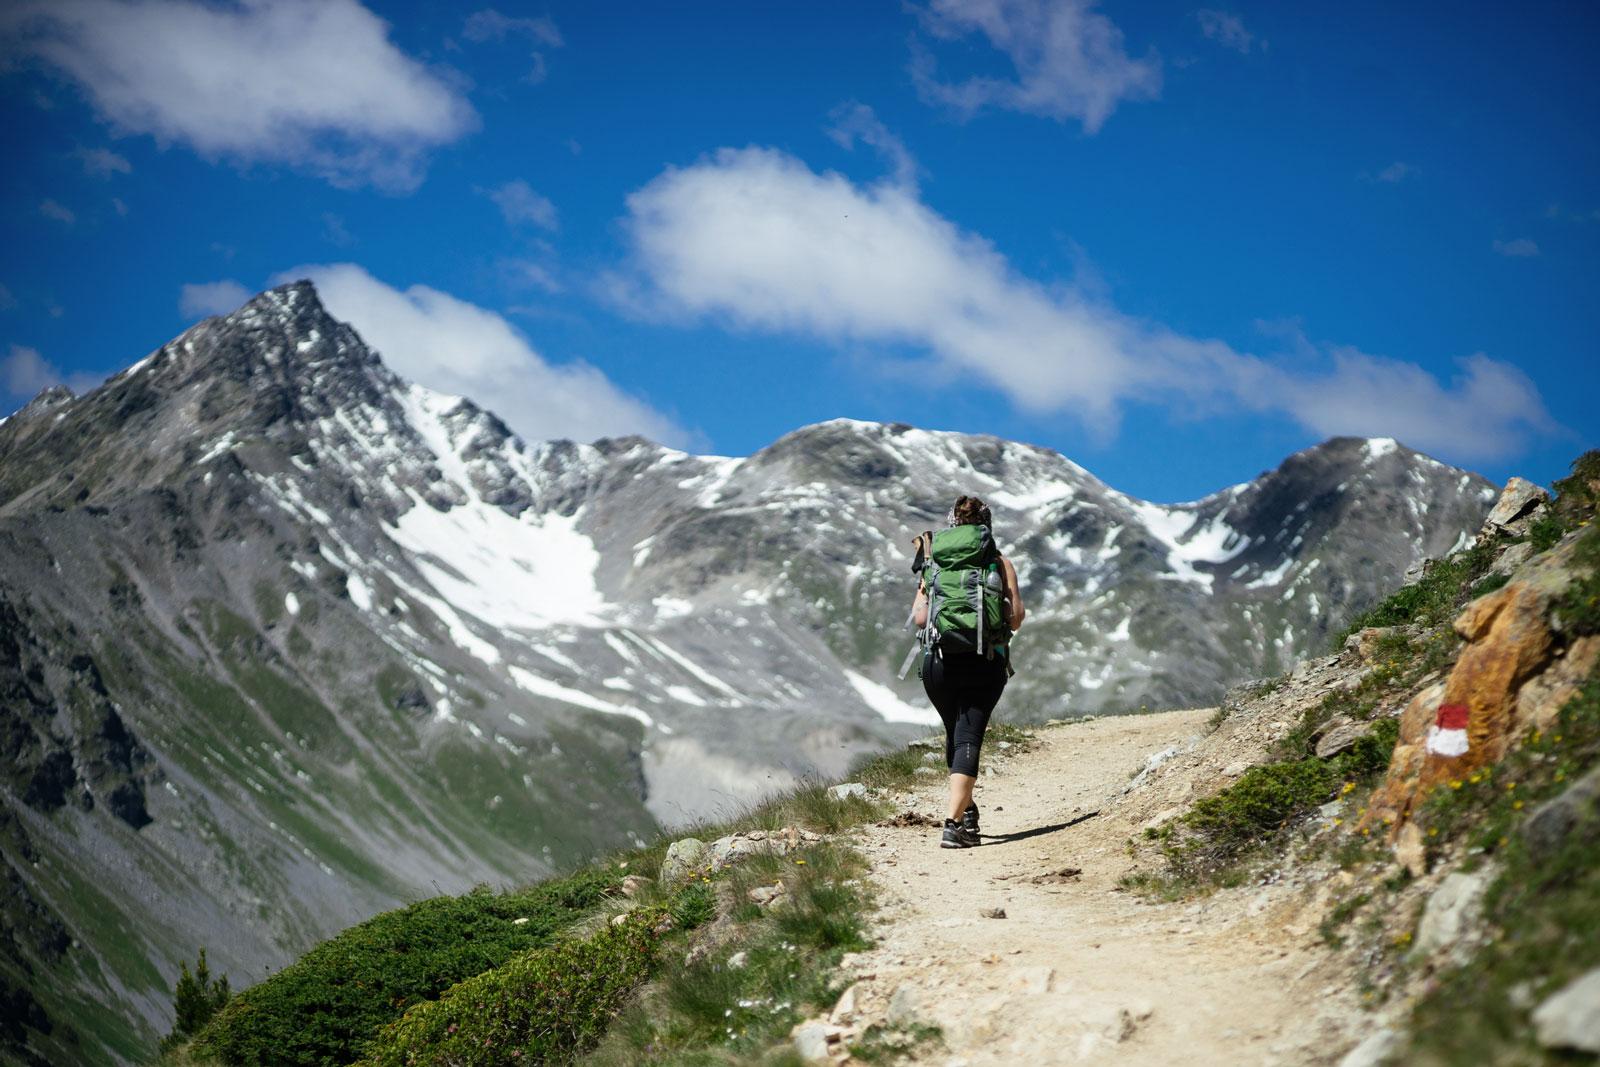 Achtsam wandern: Bleibe auf den Wegen und höre auf deinen Körper.